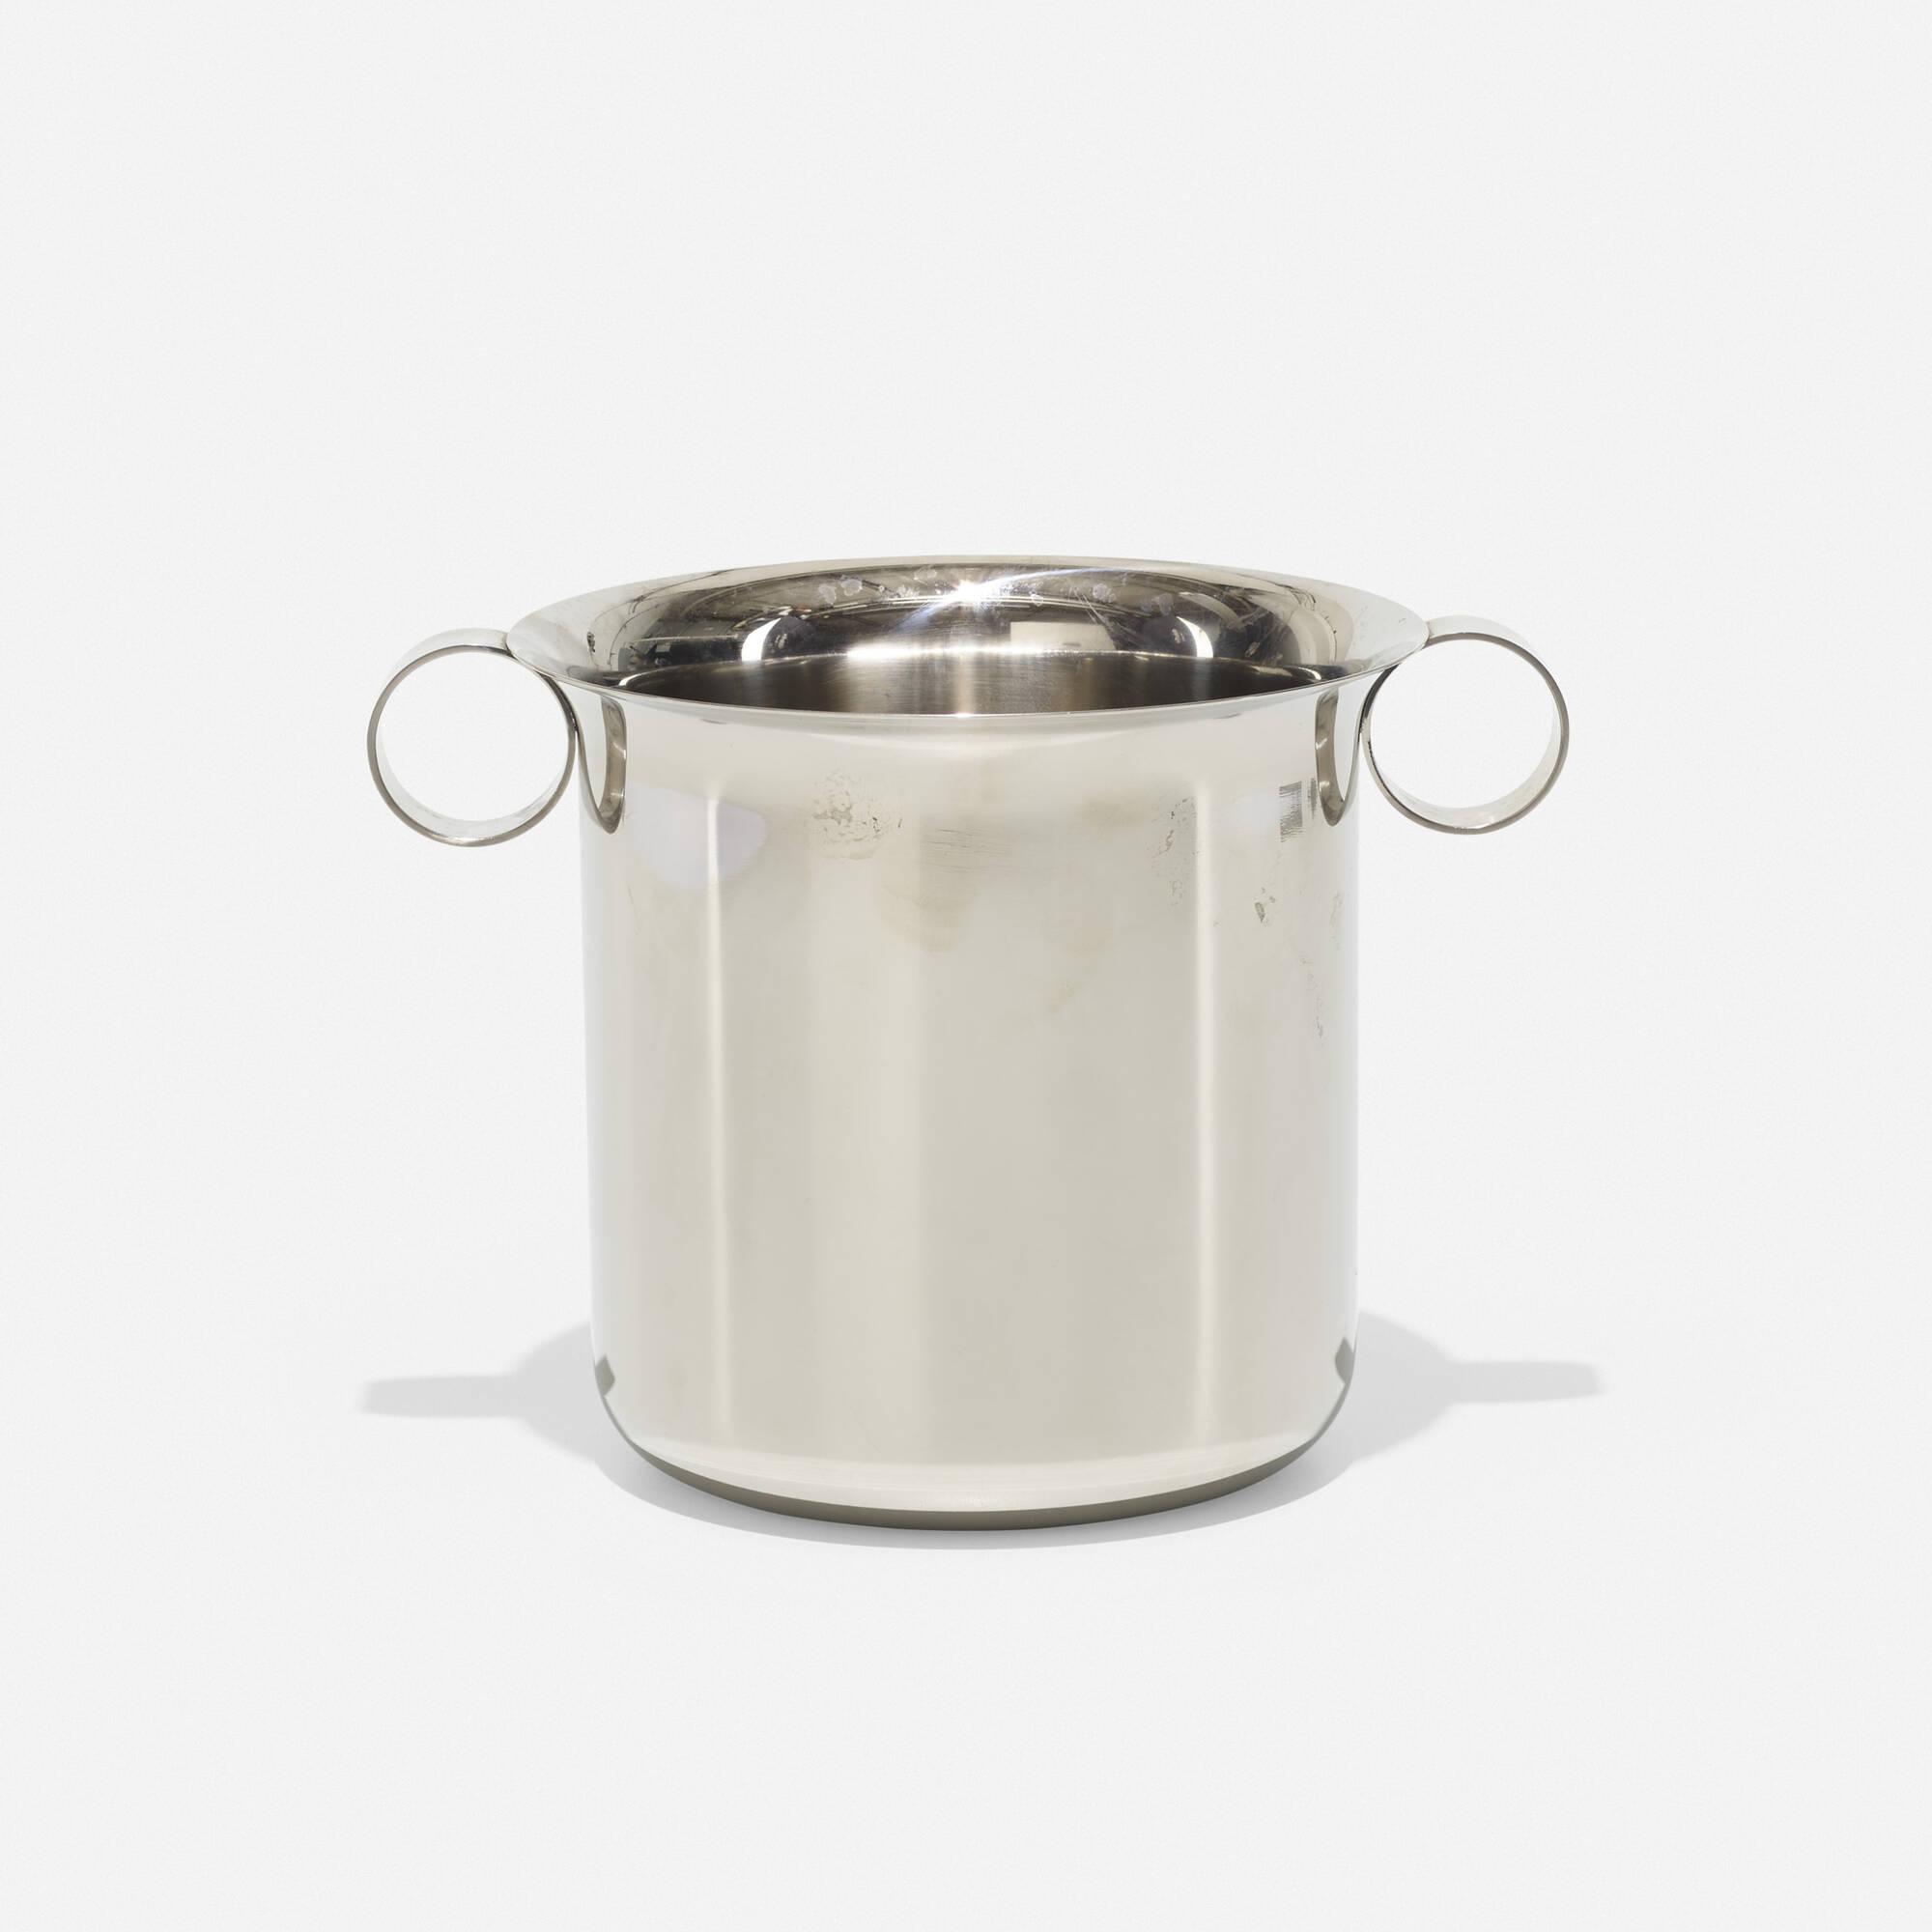 224: Enzo Mari / Madera ice bucket (1 of 2)